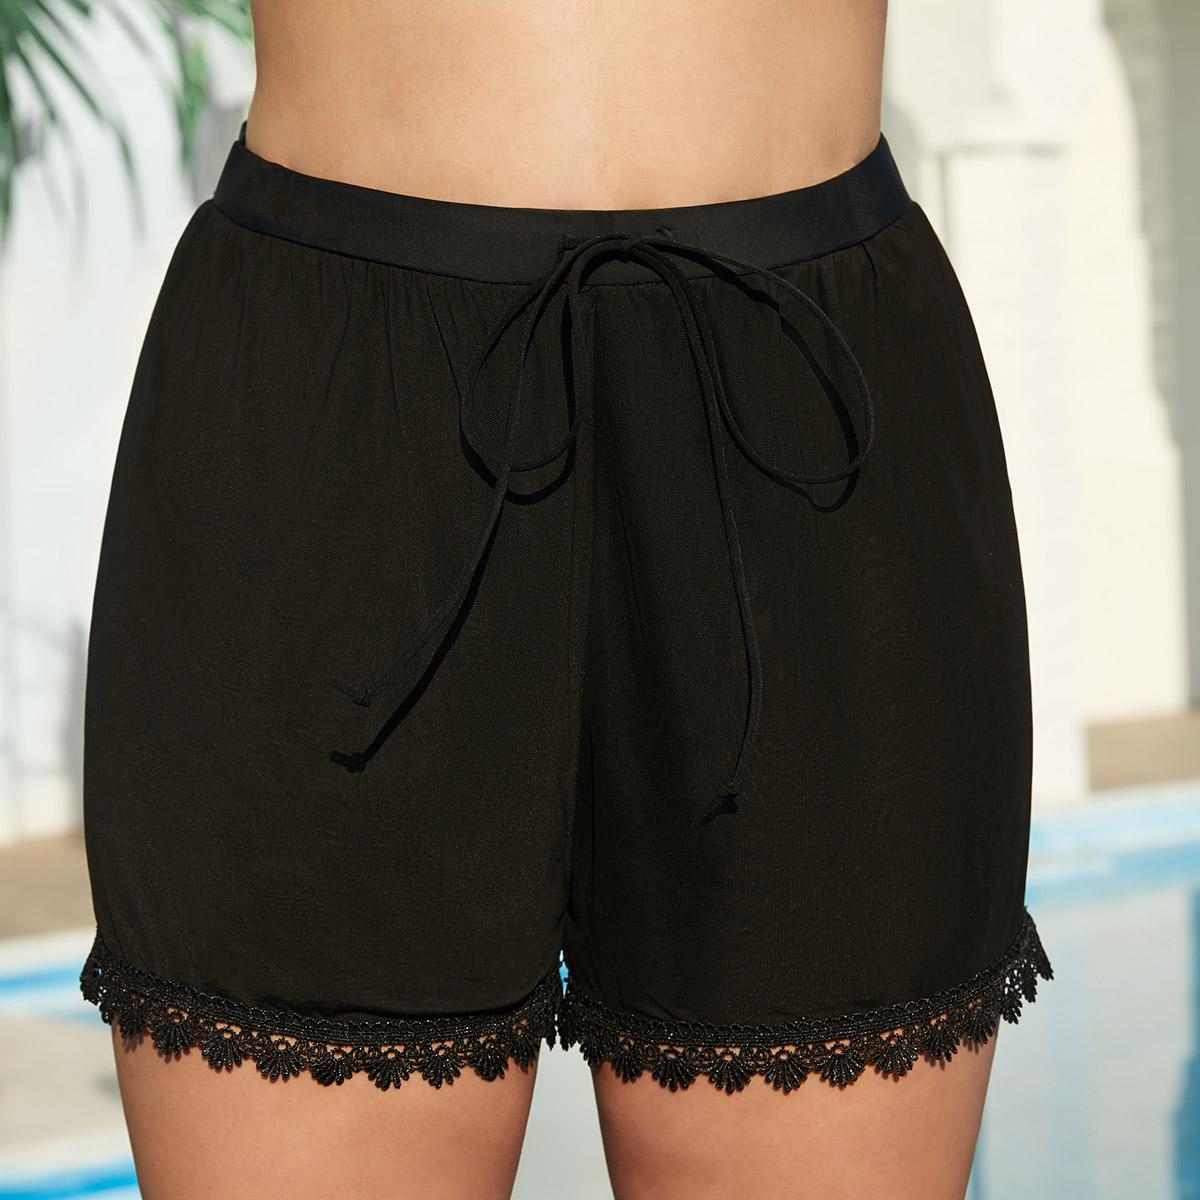 ROTITA Drawstring Waist Lace Stitching Black Swimwear Shorts